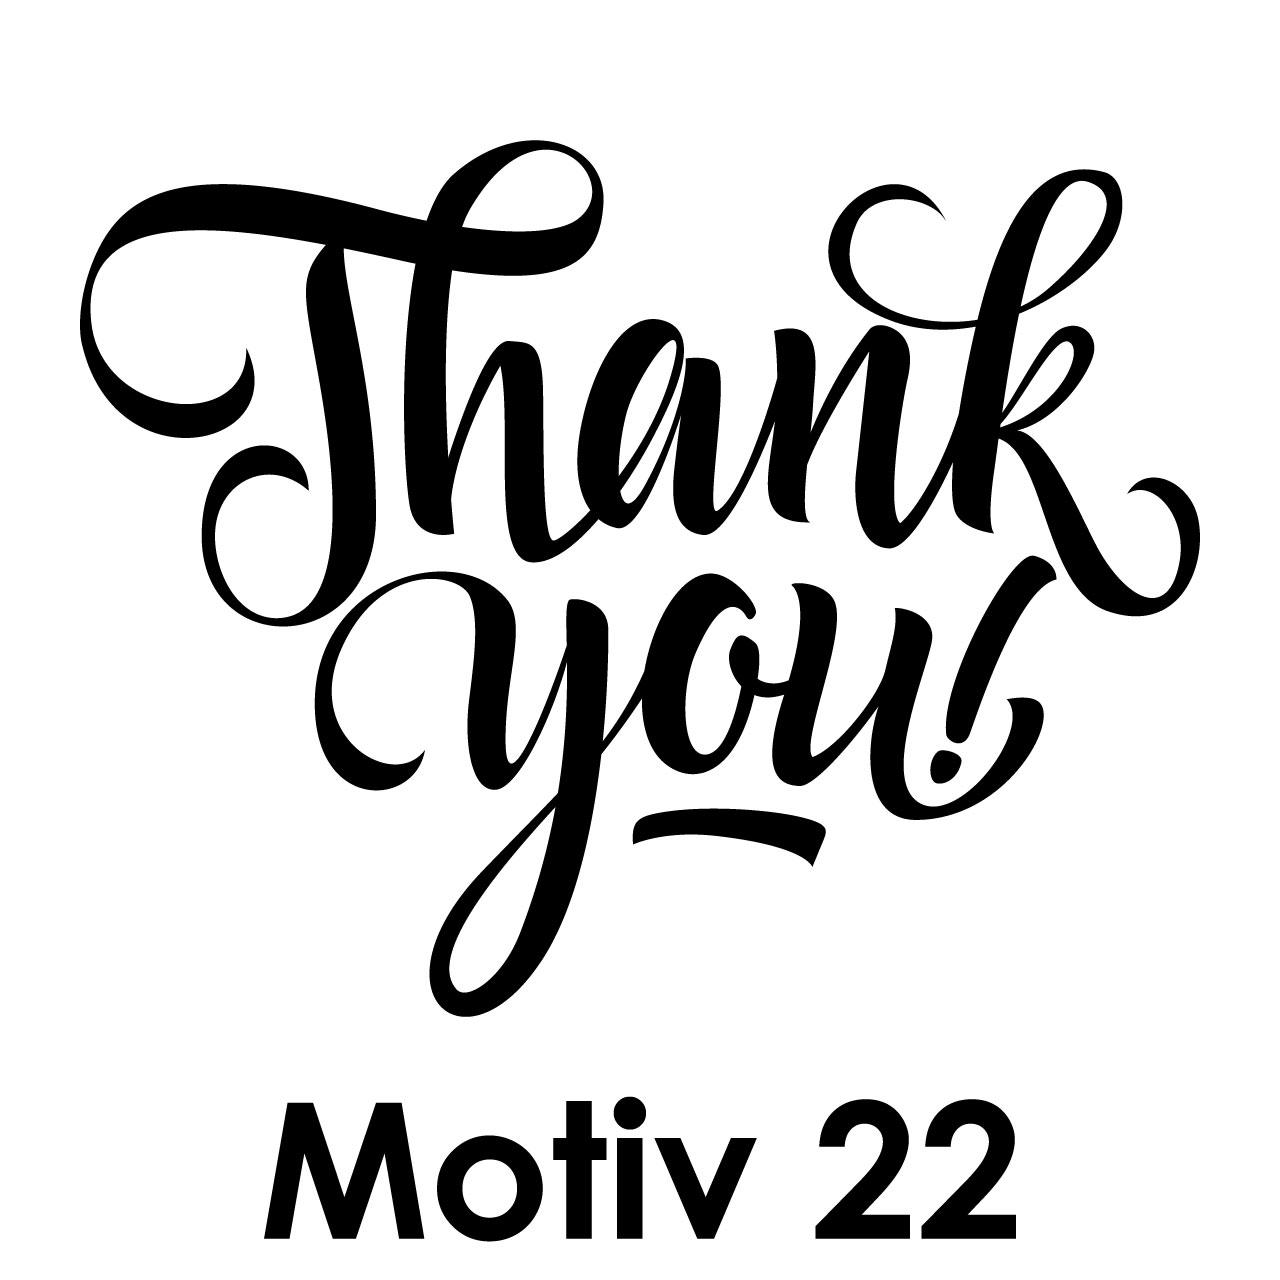 Motiv22